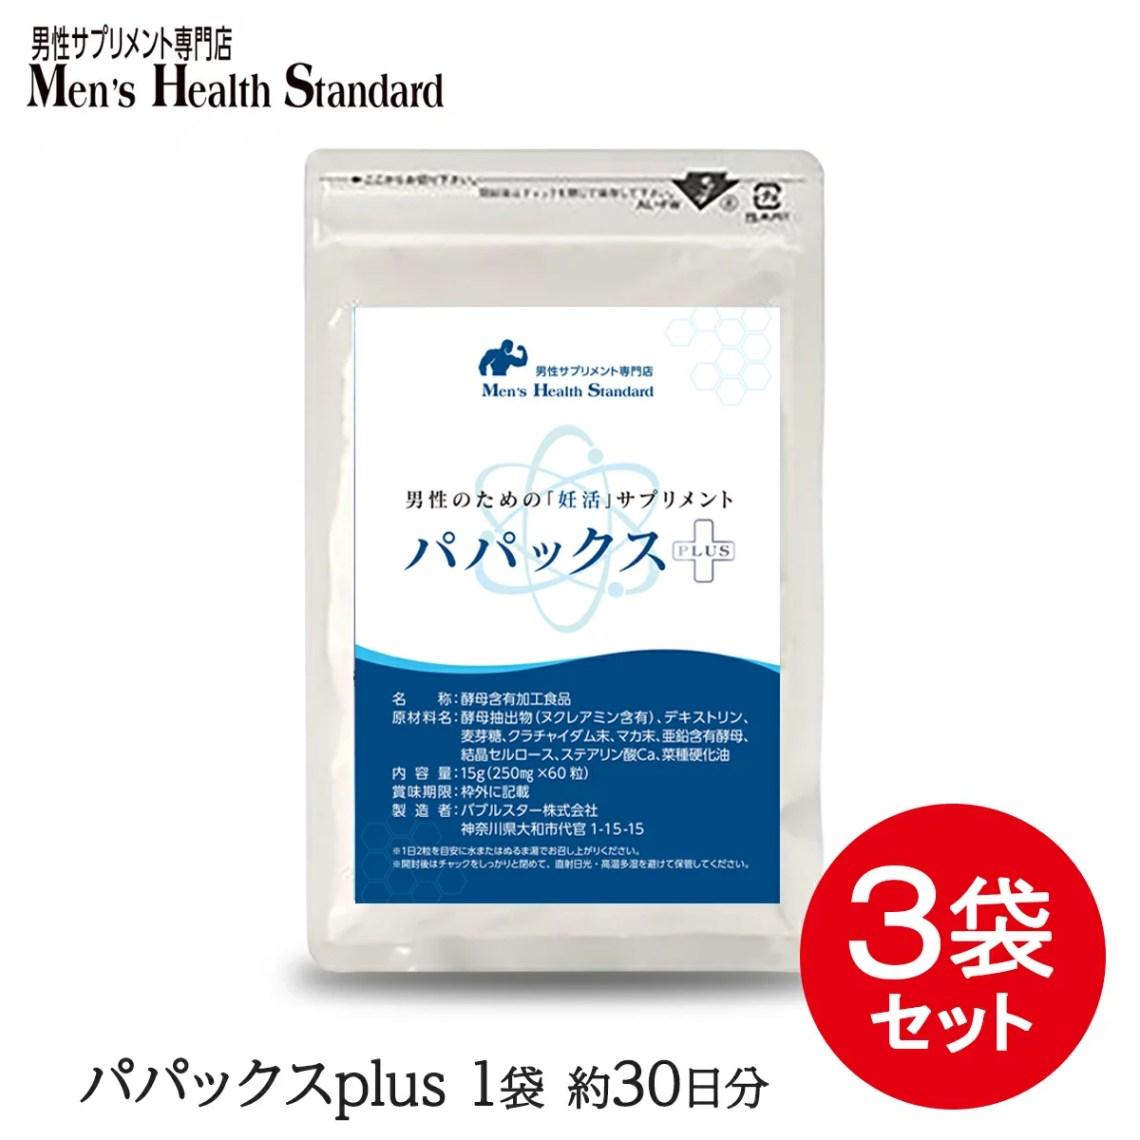 男性 妊活 サプリ パパックスplus(約3ヵ月分)精子成分ヌクレアミン(ポリアミン)の他、男性妊活